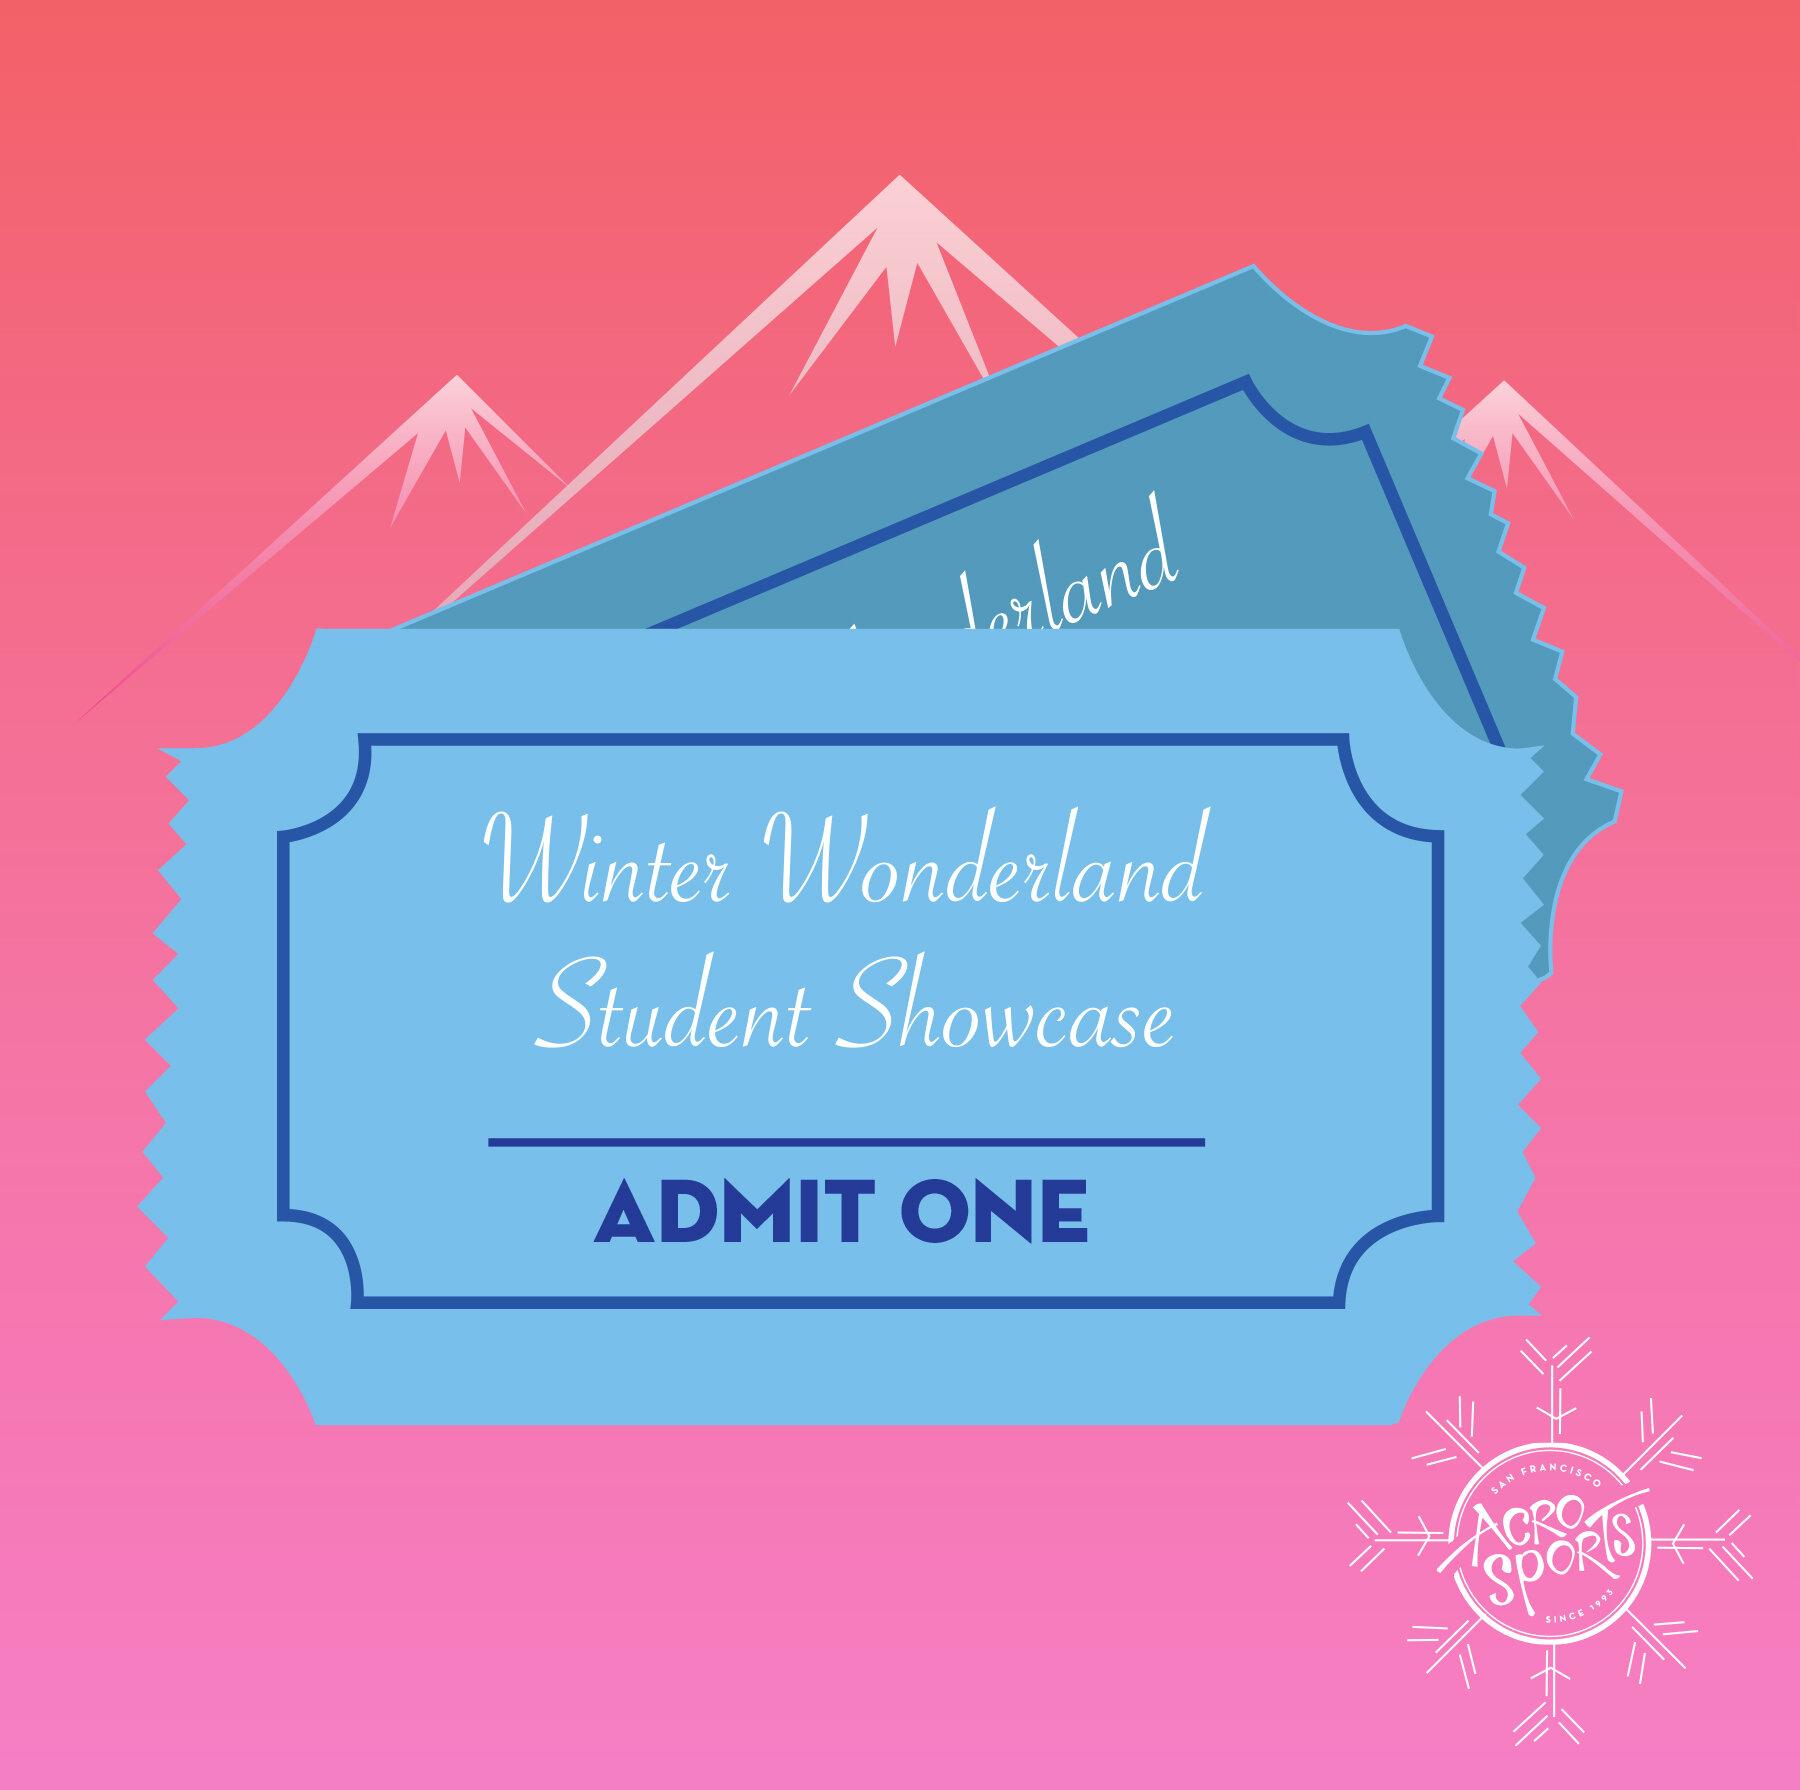 Winter Wonderland Ticket Graphic2.jpg